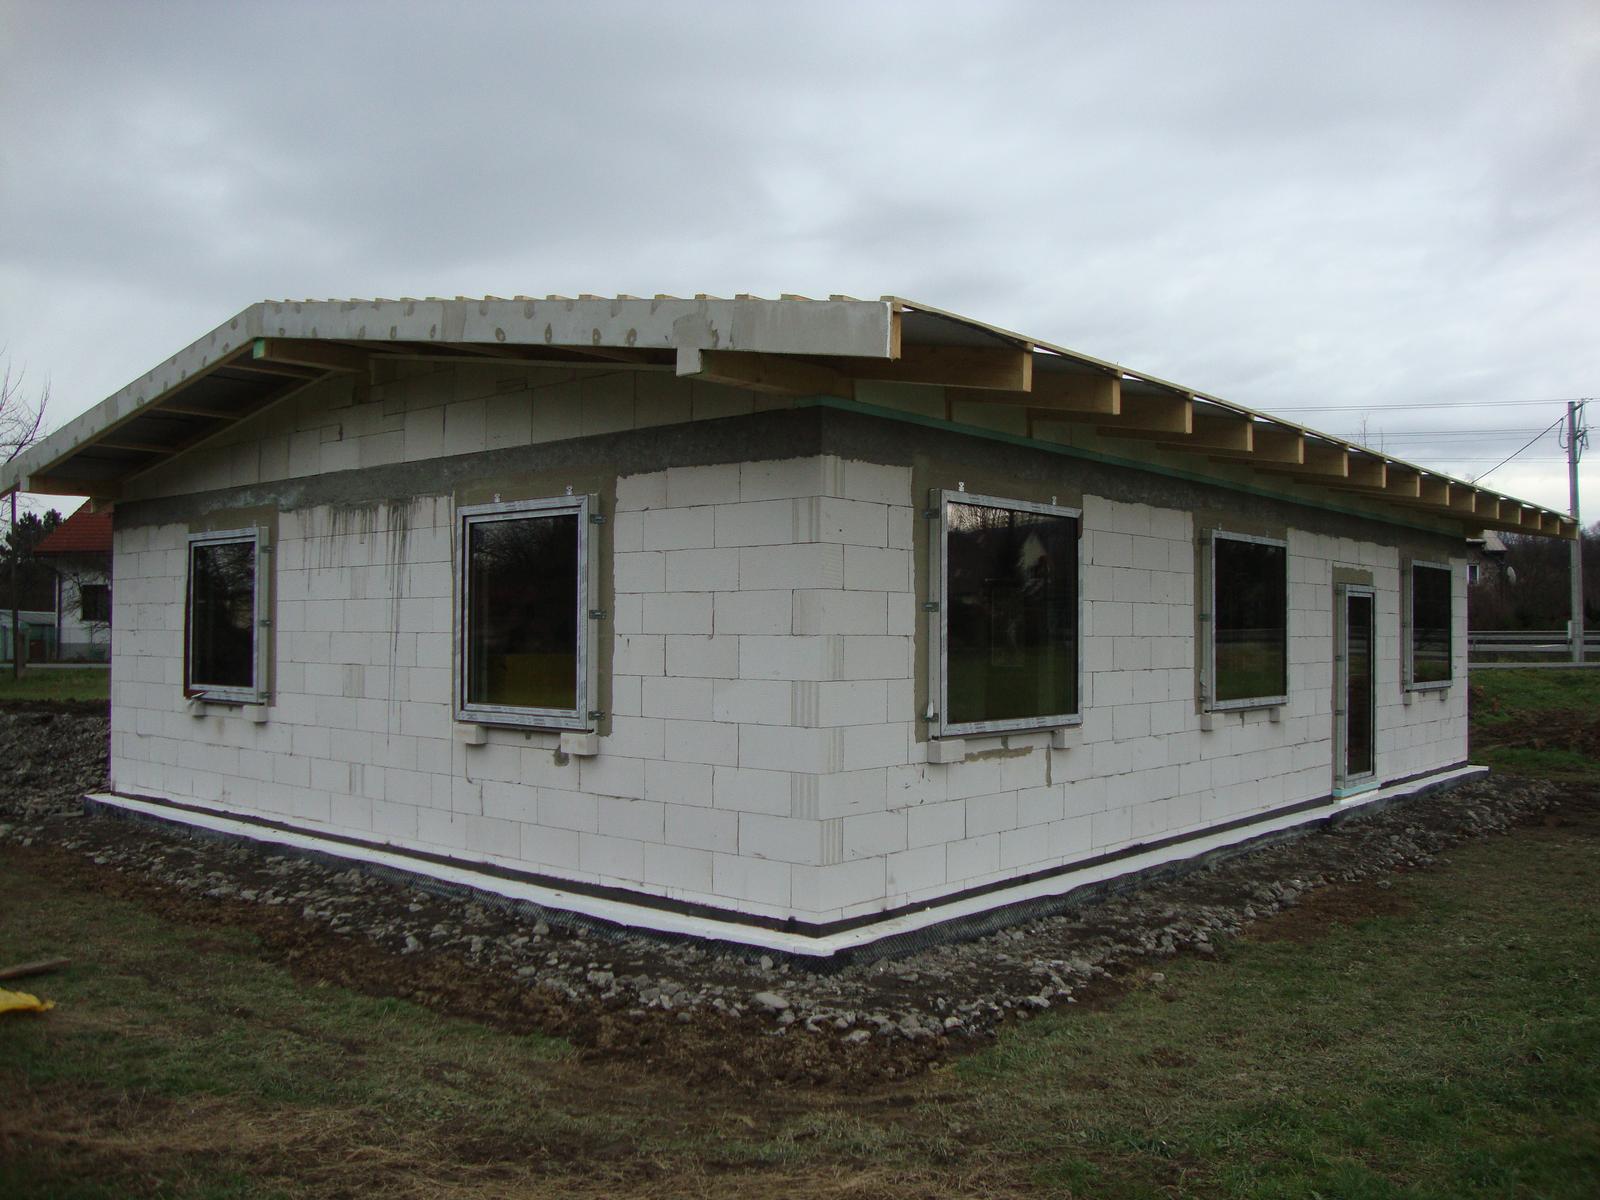 Efektivní bydlení - 3 fixní okna na jih 170x150, oknaři použili jedinou 1mm podložku pod okno